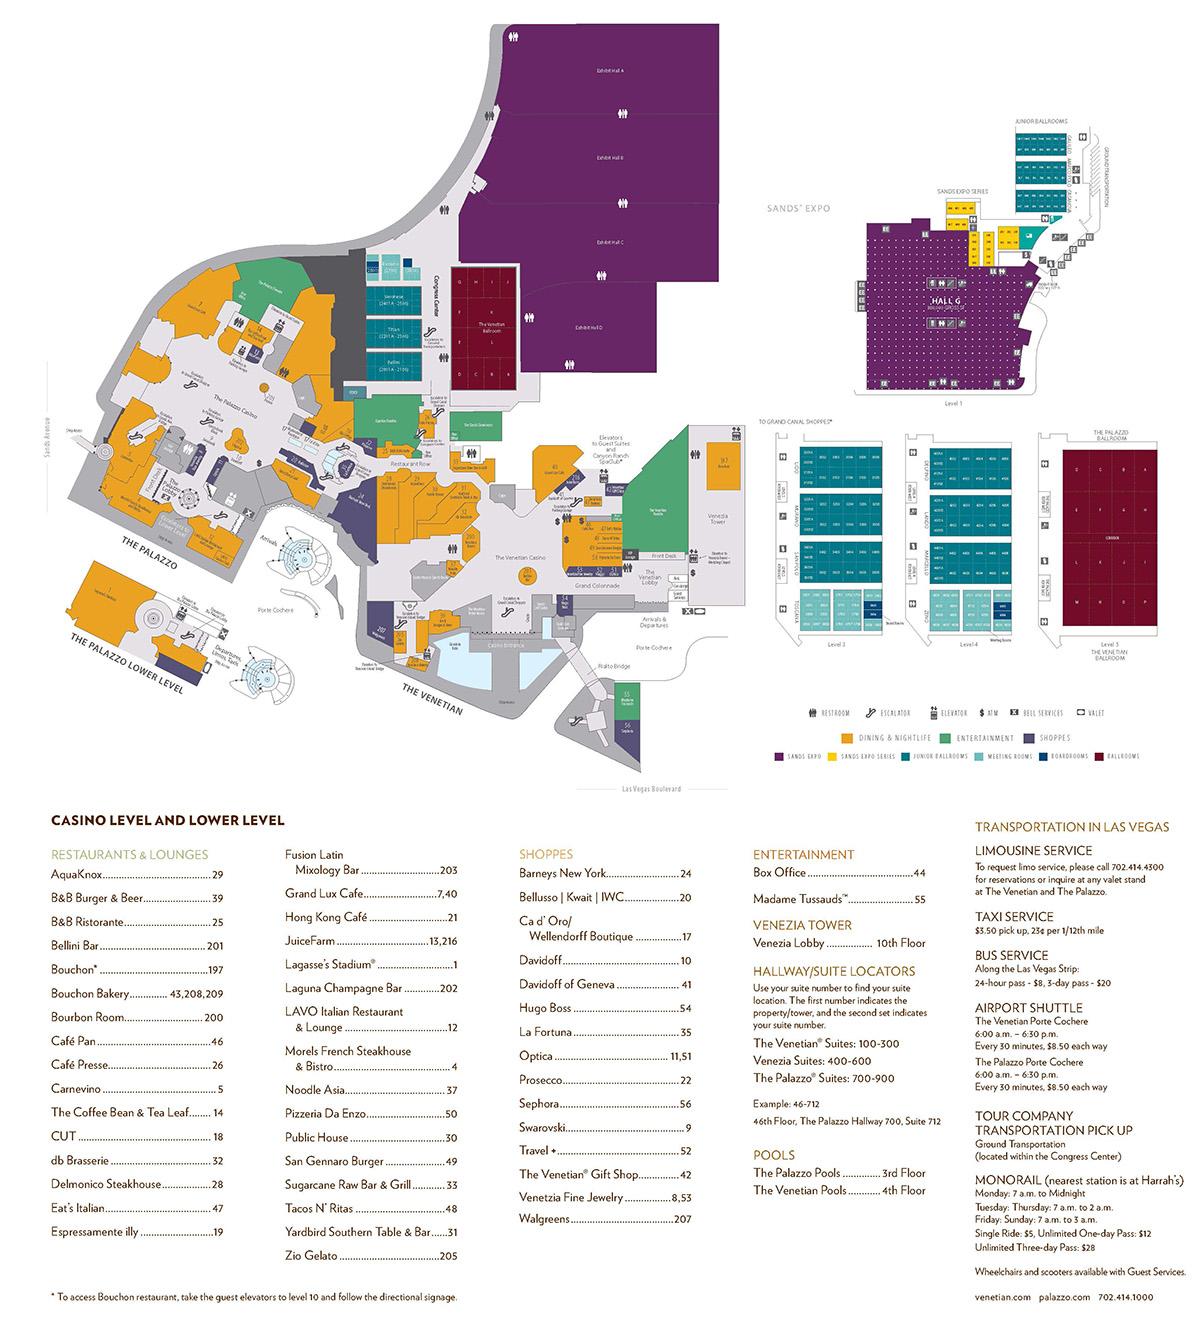 ShowtimeVegascom  Las Vegas Facility Site Maps